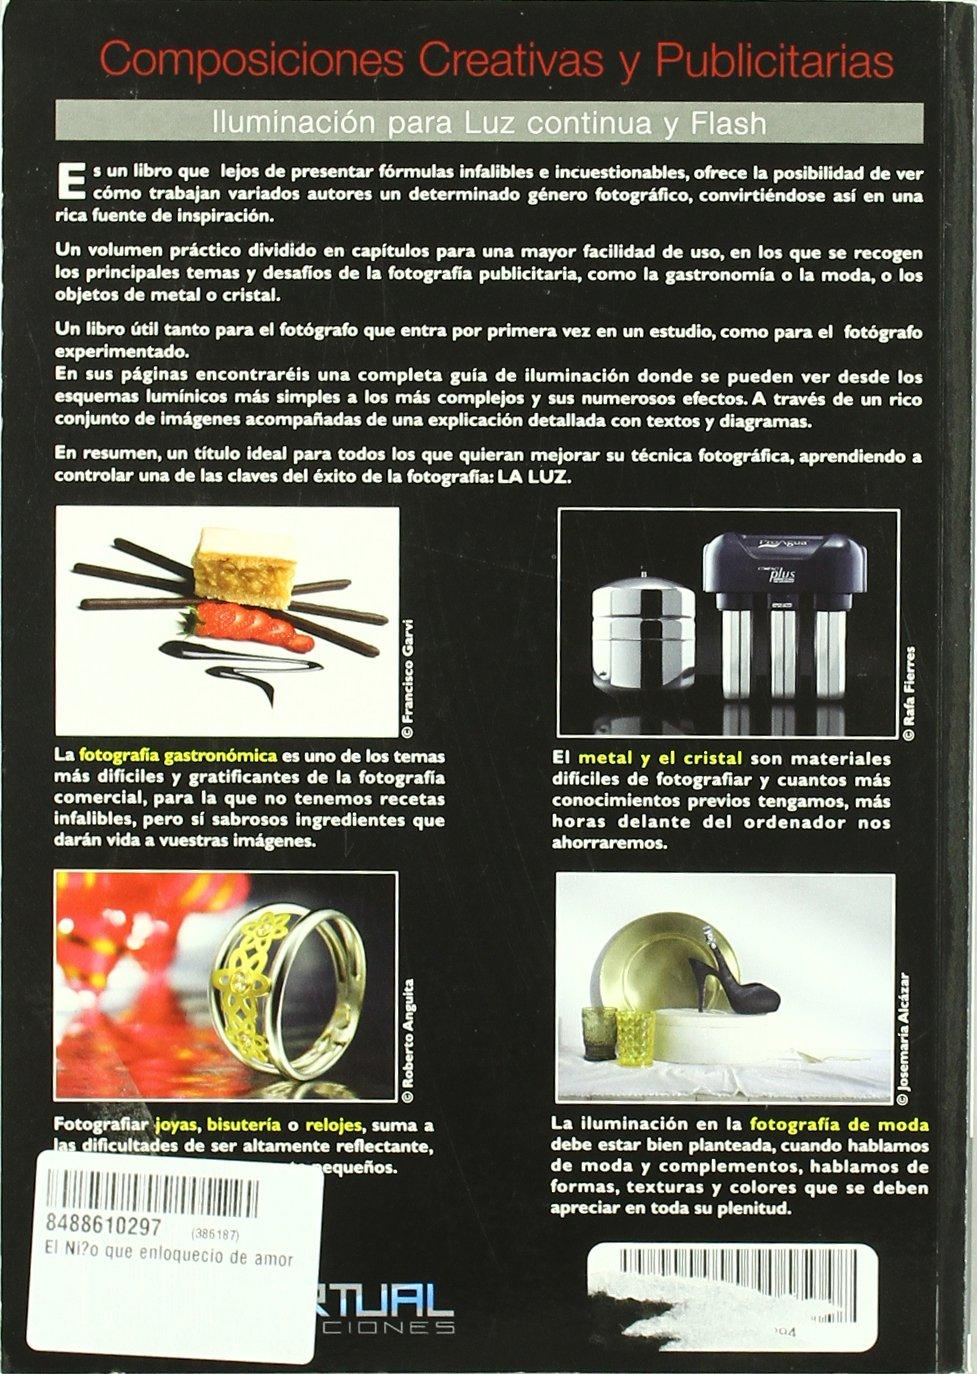 El Nino Que Enloquecio De Amor: Eduardo Barrios: 9788488610294: Amazon.com: Books